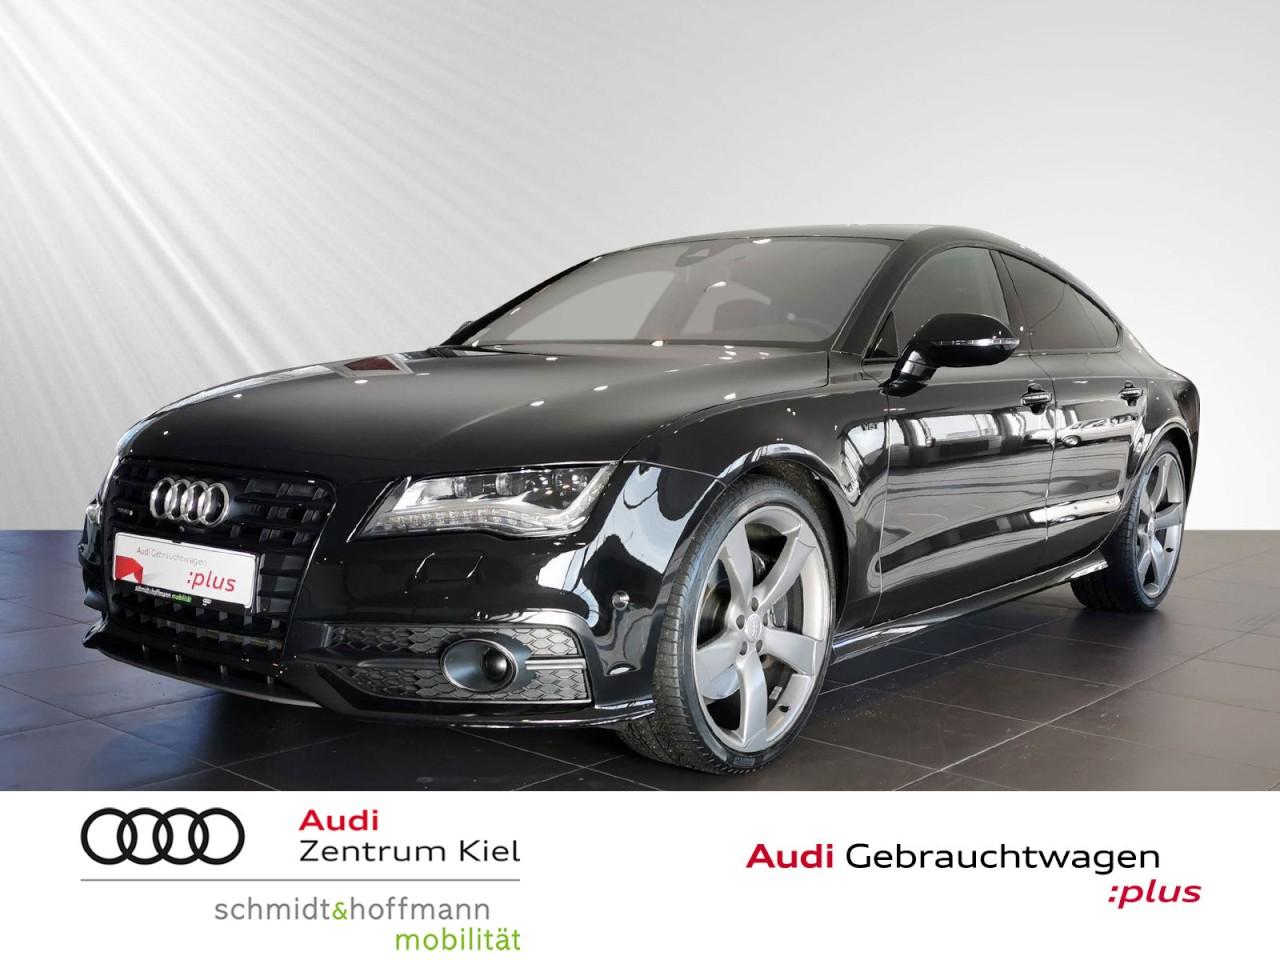 Audi A7 Sportback 3.0 TDI quattro S-line Exclusiv B&O, Jahr 2014, Diesel